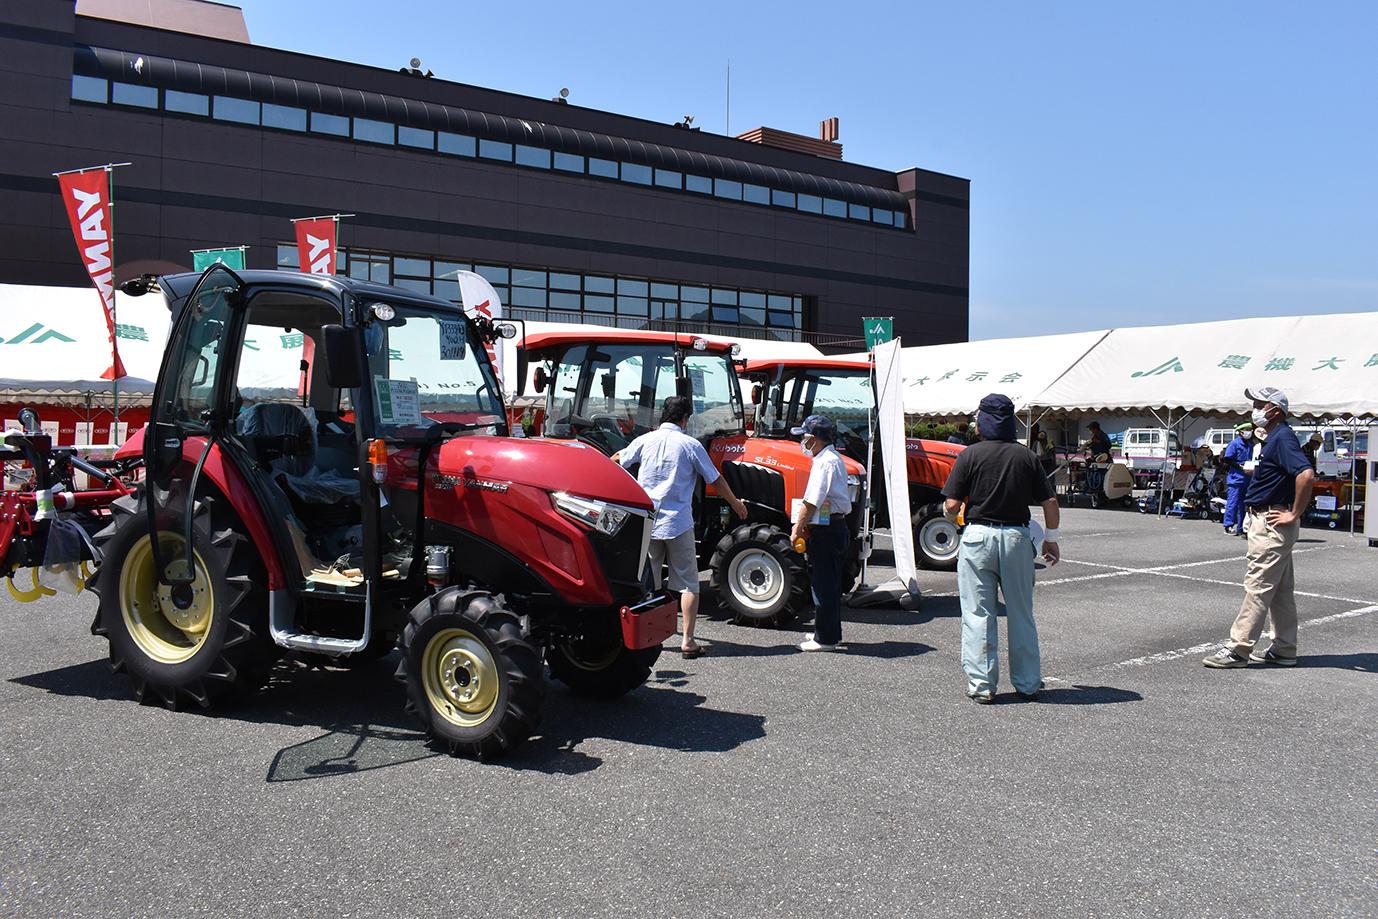 夏の農機大展示会 様々な農機具を展示・販売